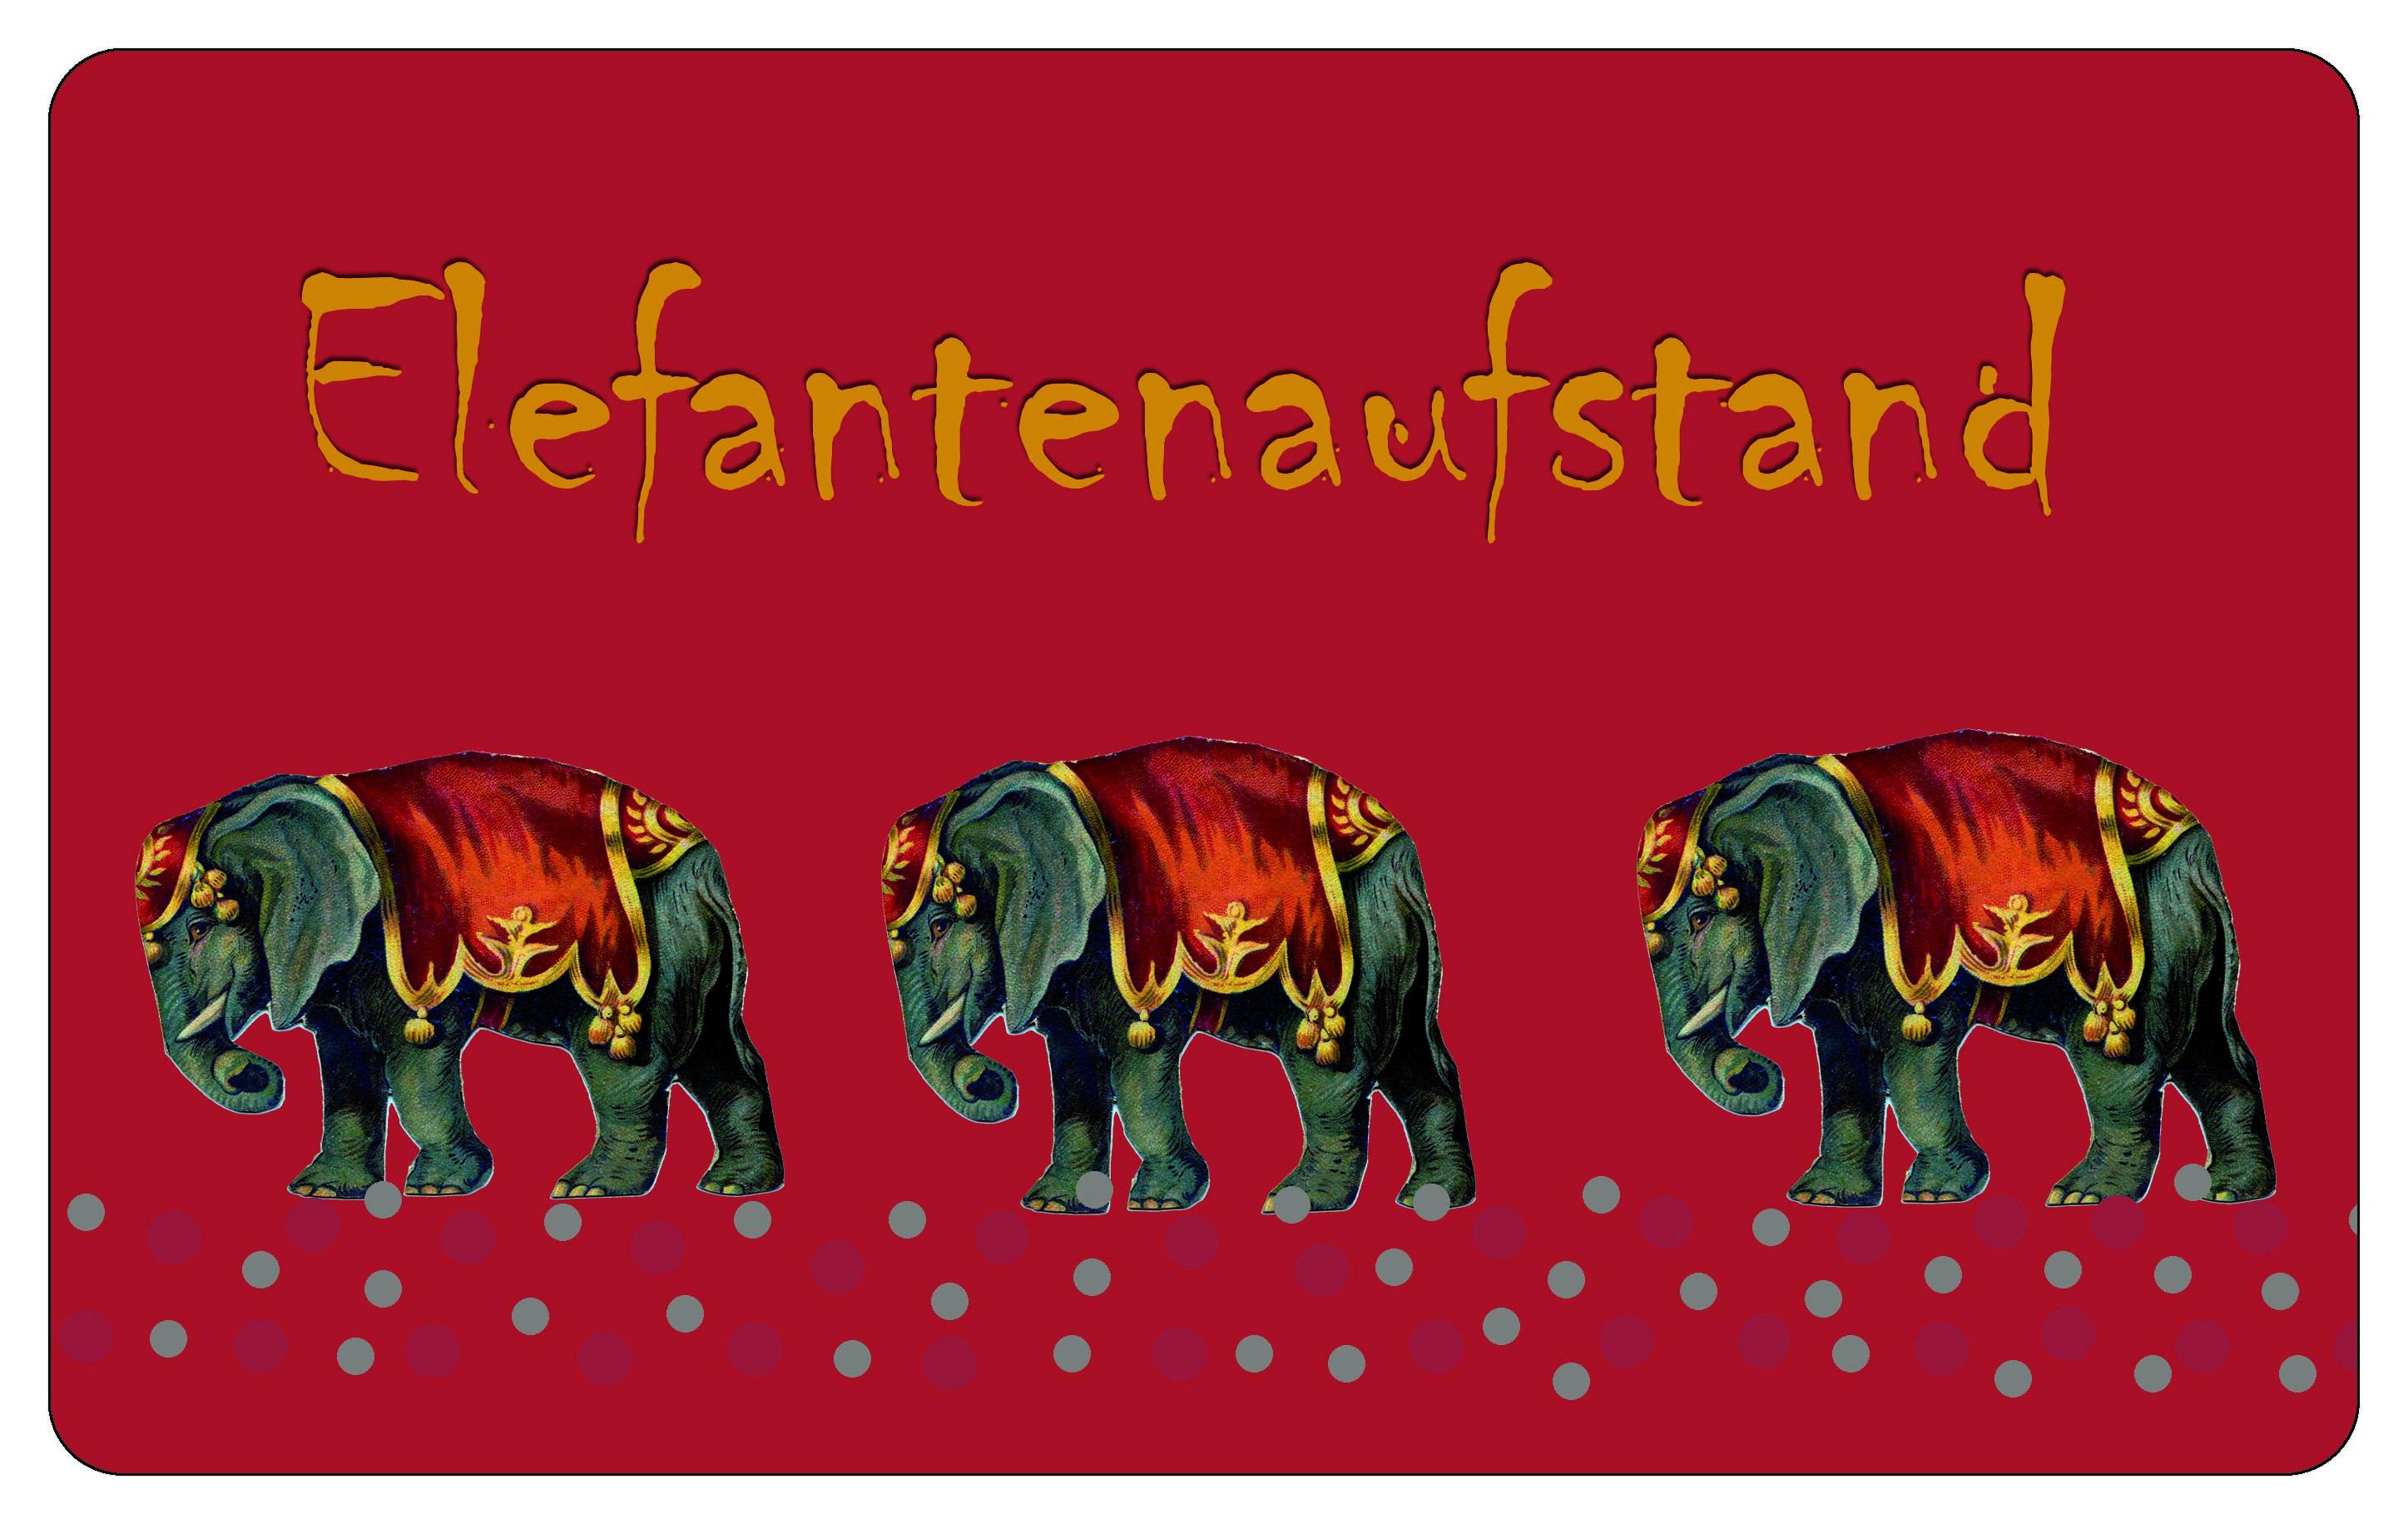 Elefantenaufstand